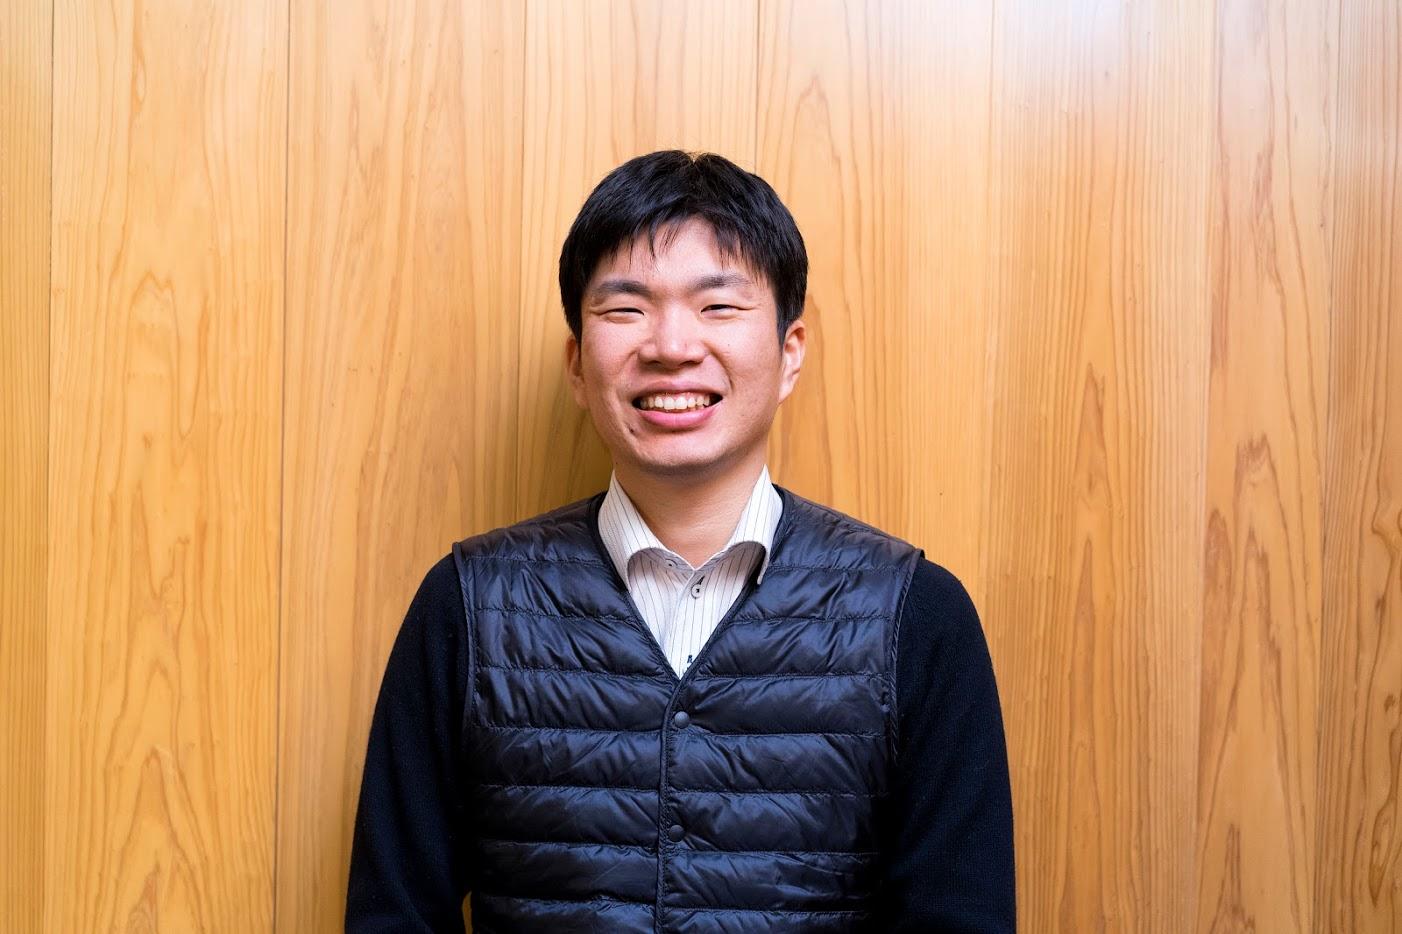 【徳島県】株式会社いろどりの谷 健太です!